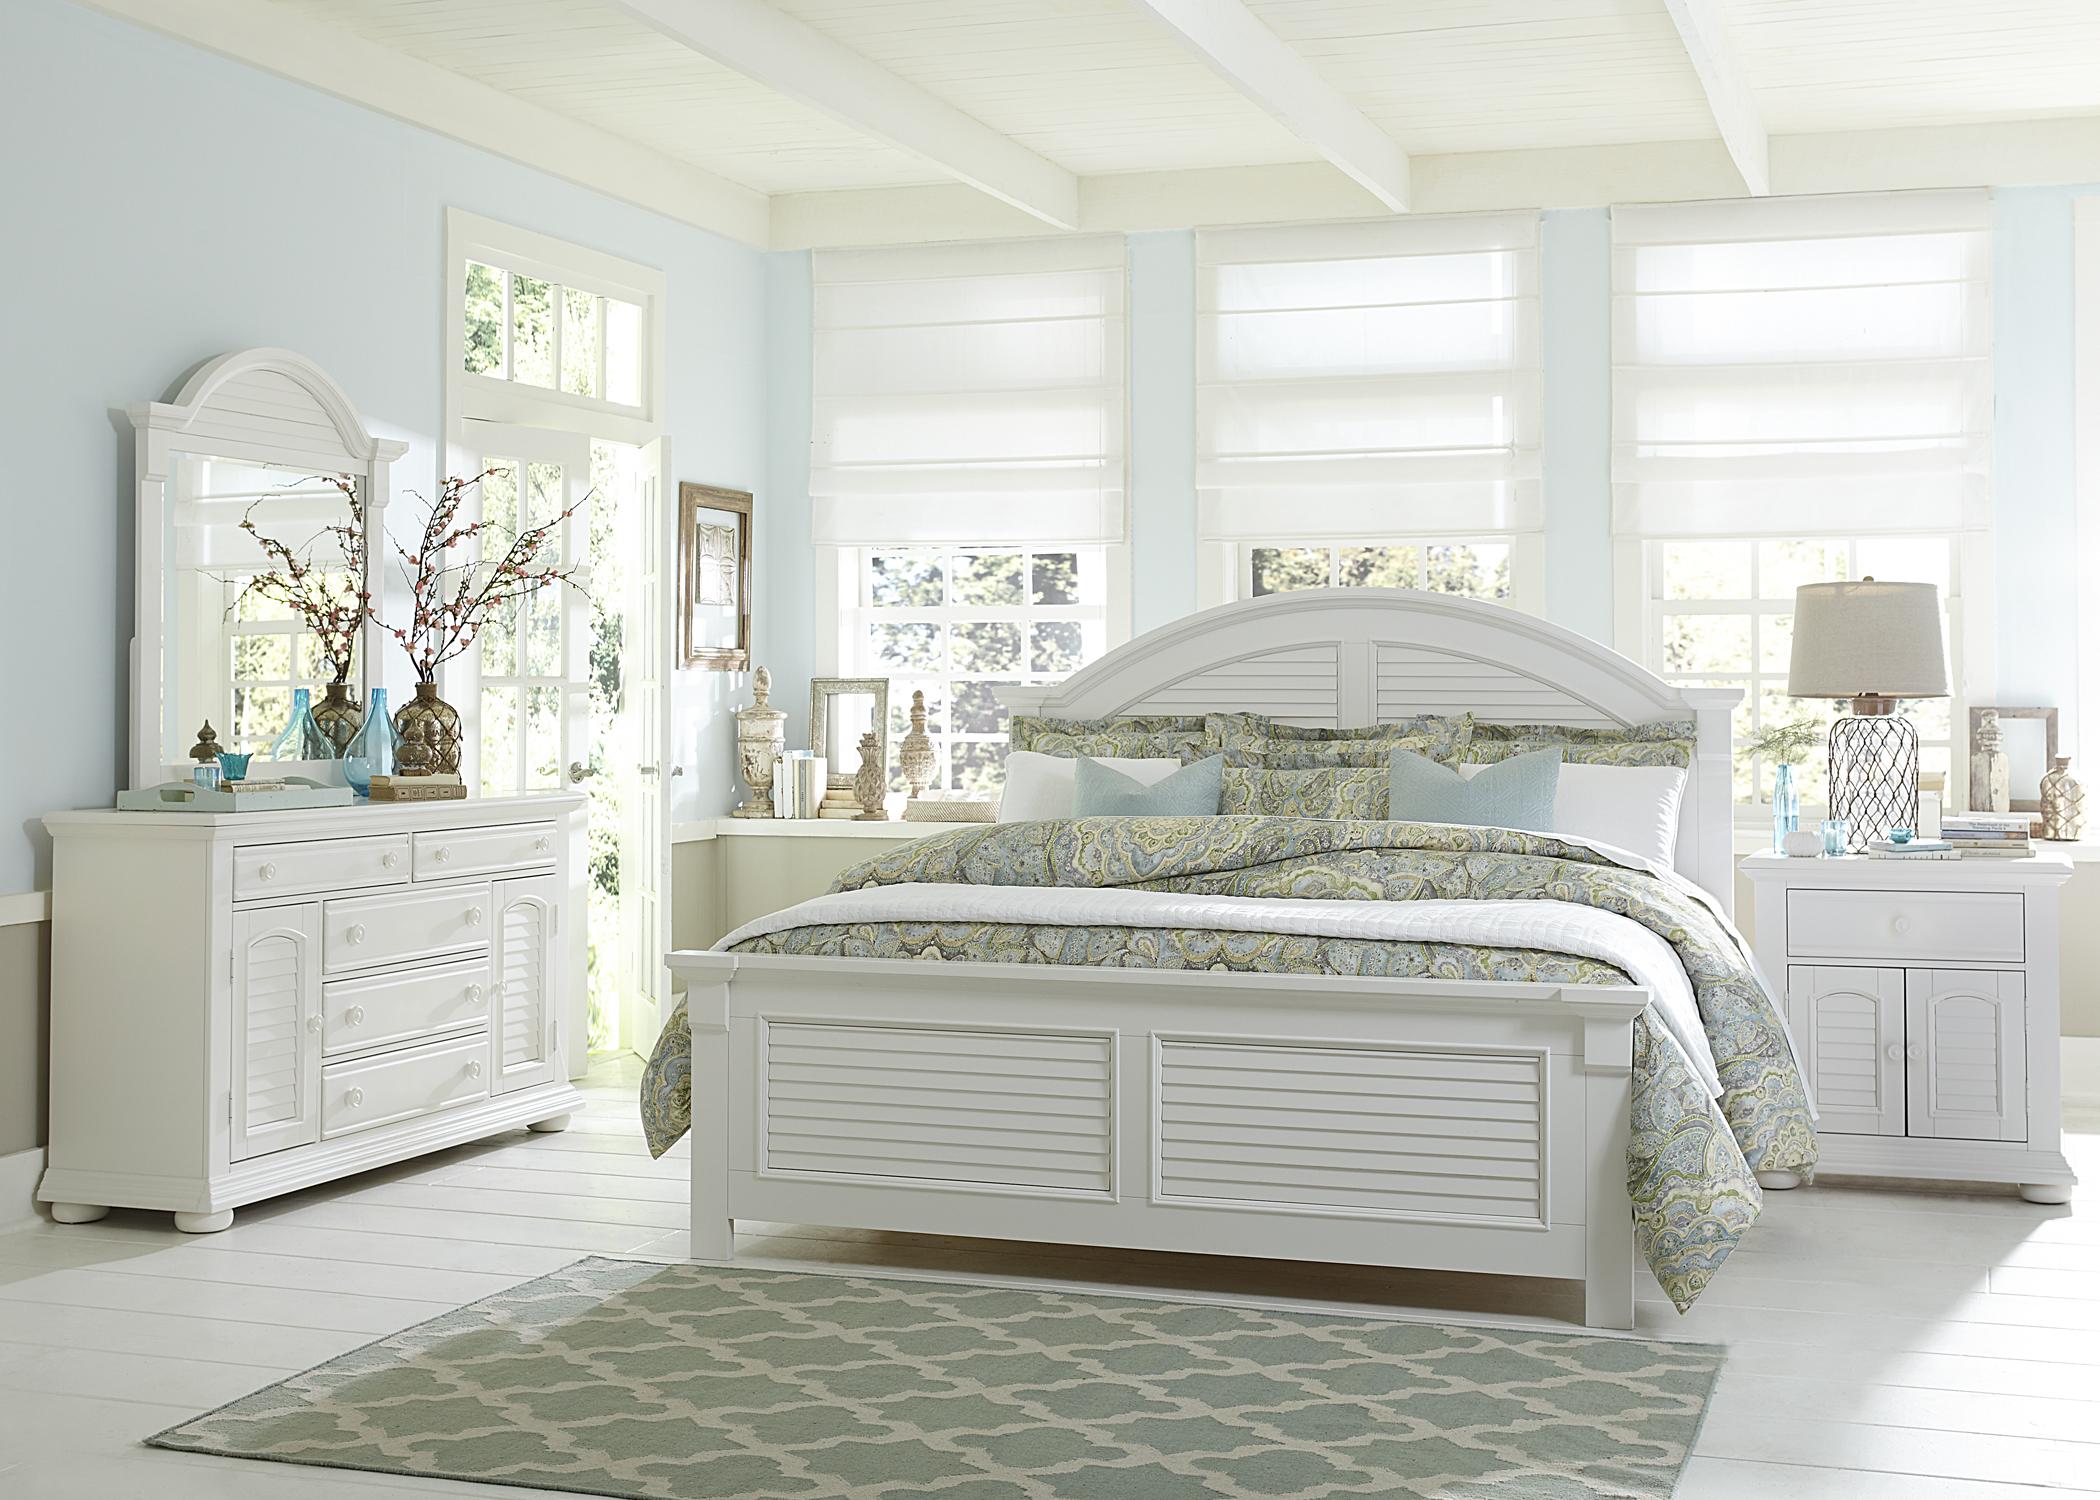 Summer House I Bedroom 607 Br Furniture Store Bangor